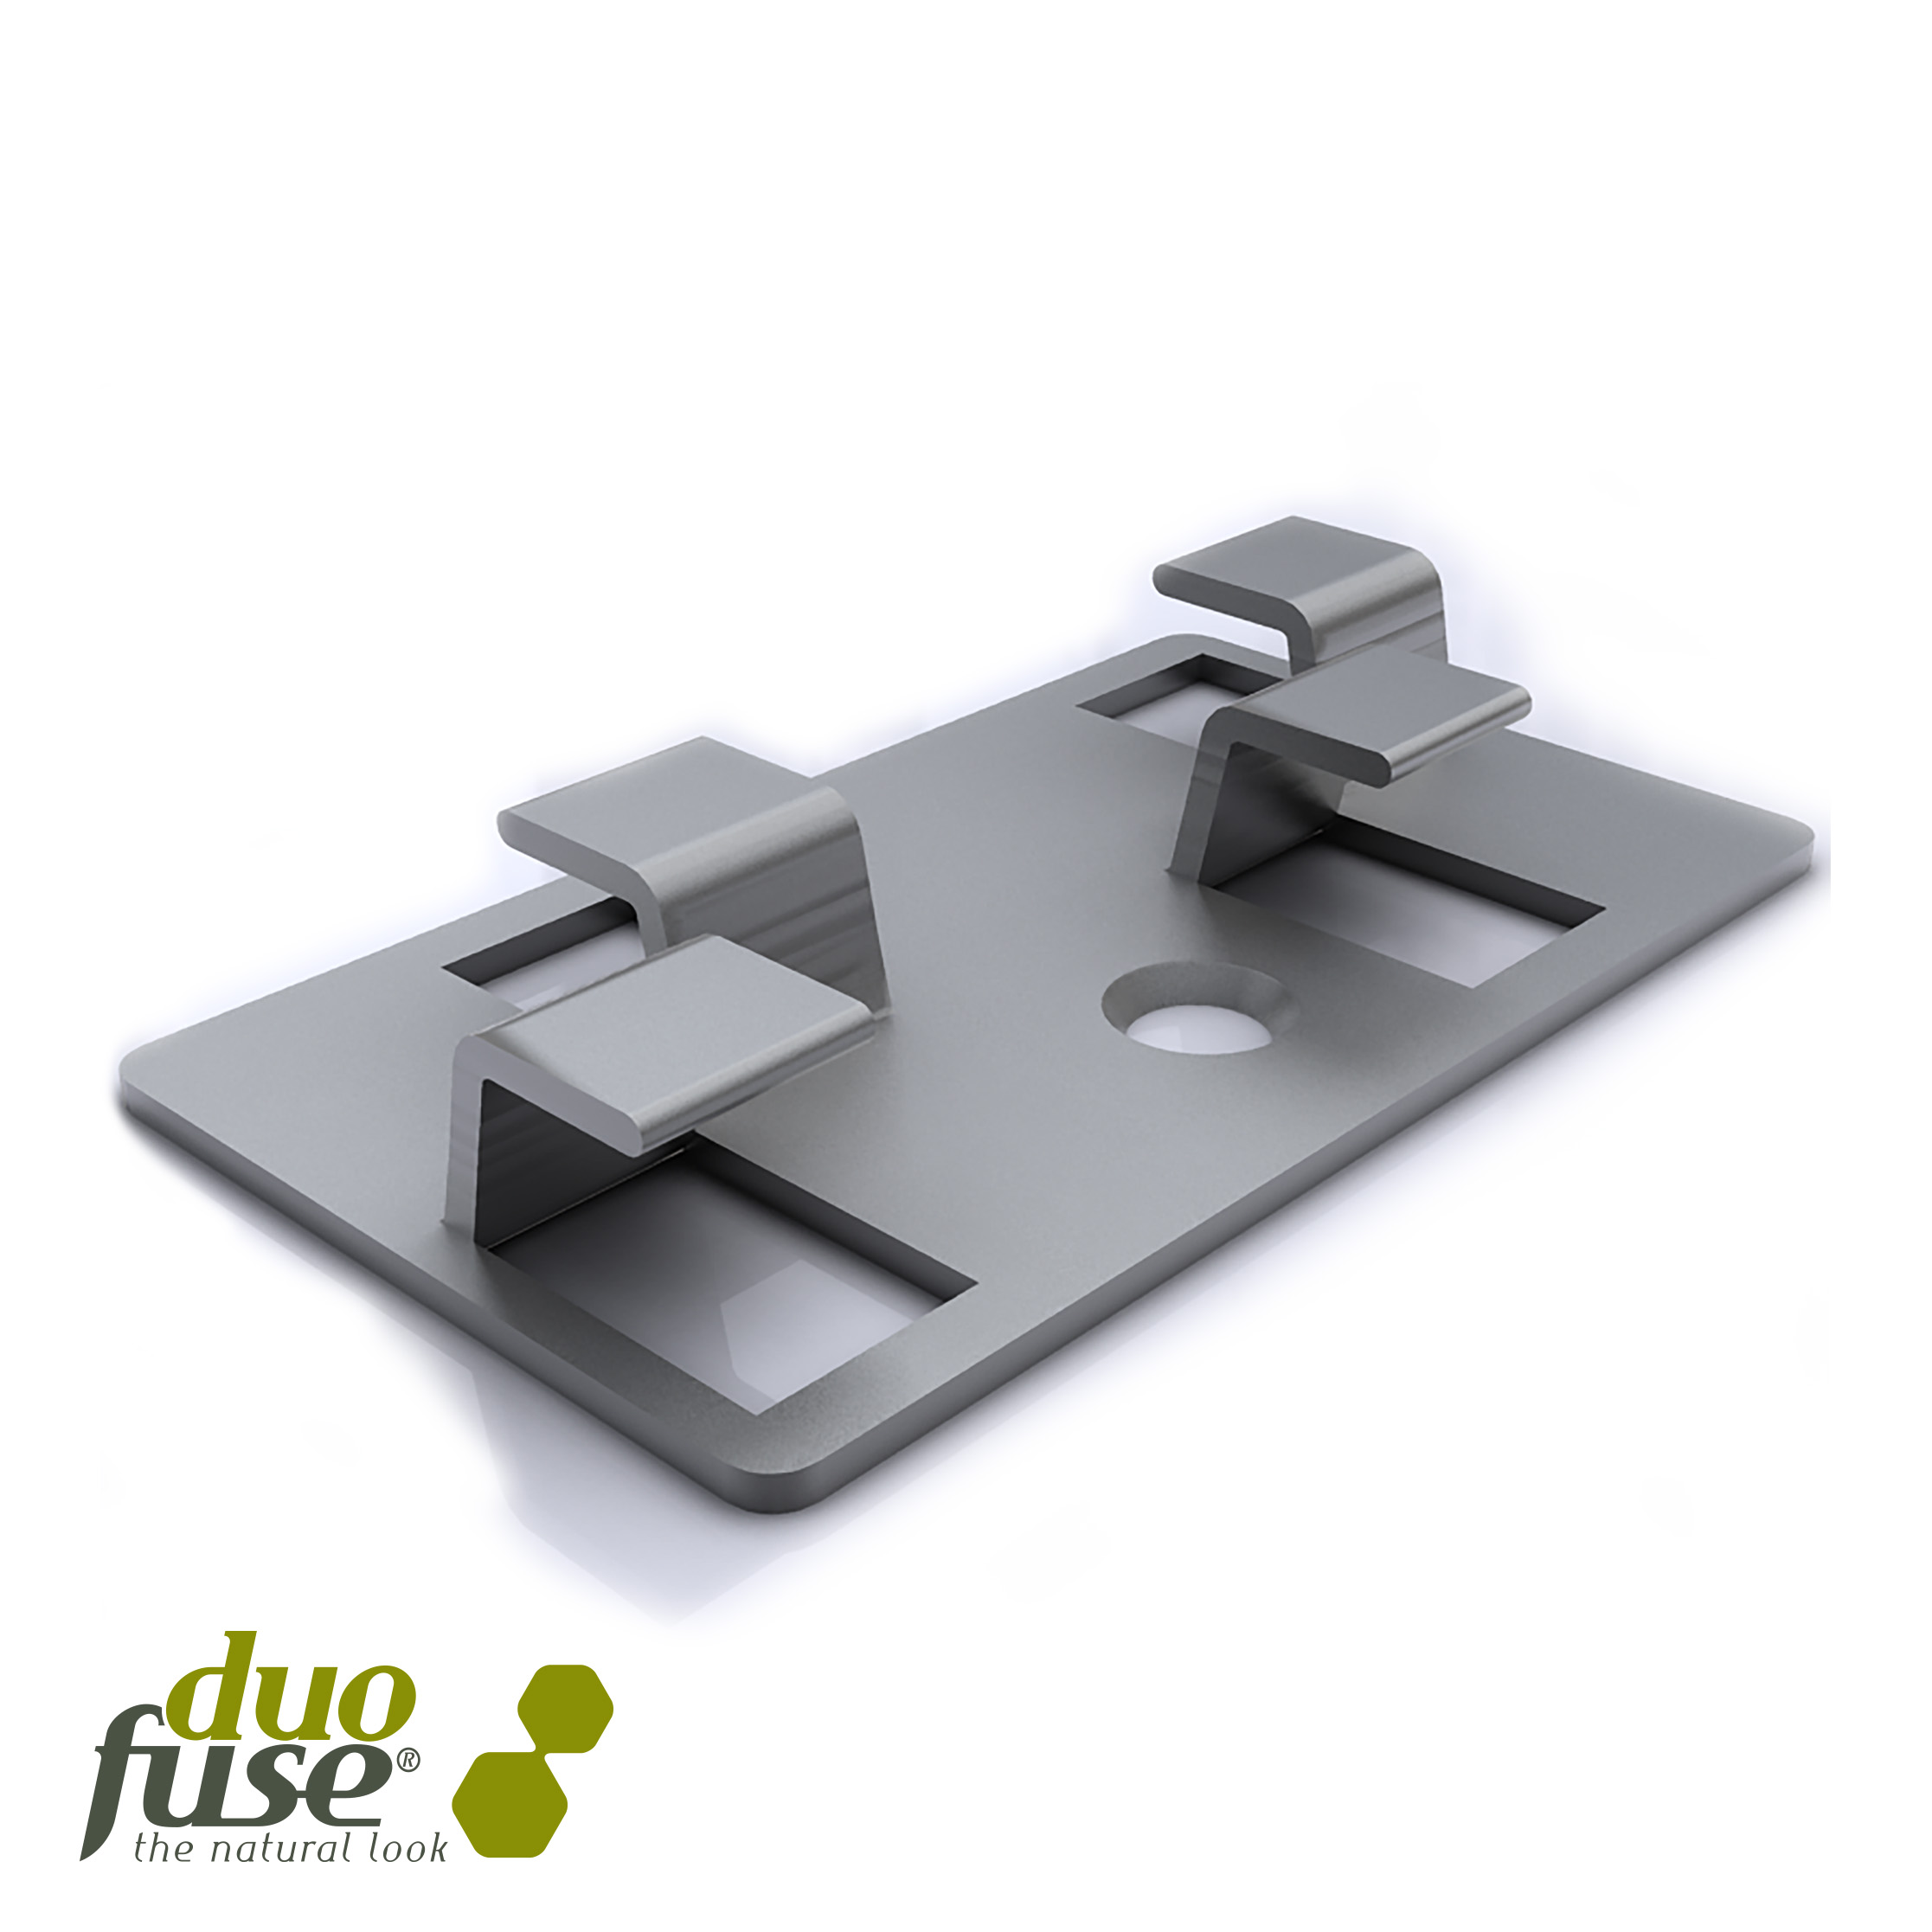 Duofuse | verbindingsclips incl schroeven | 10 stuks